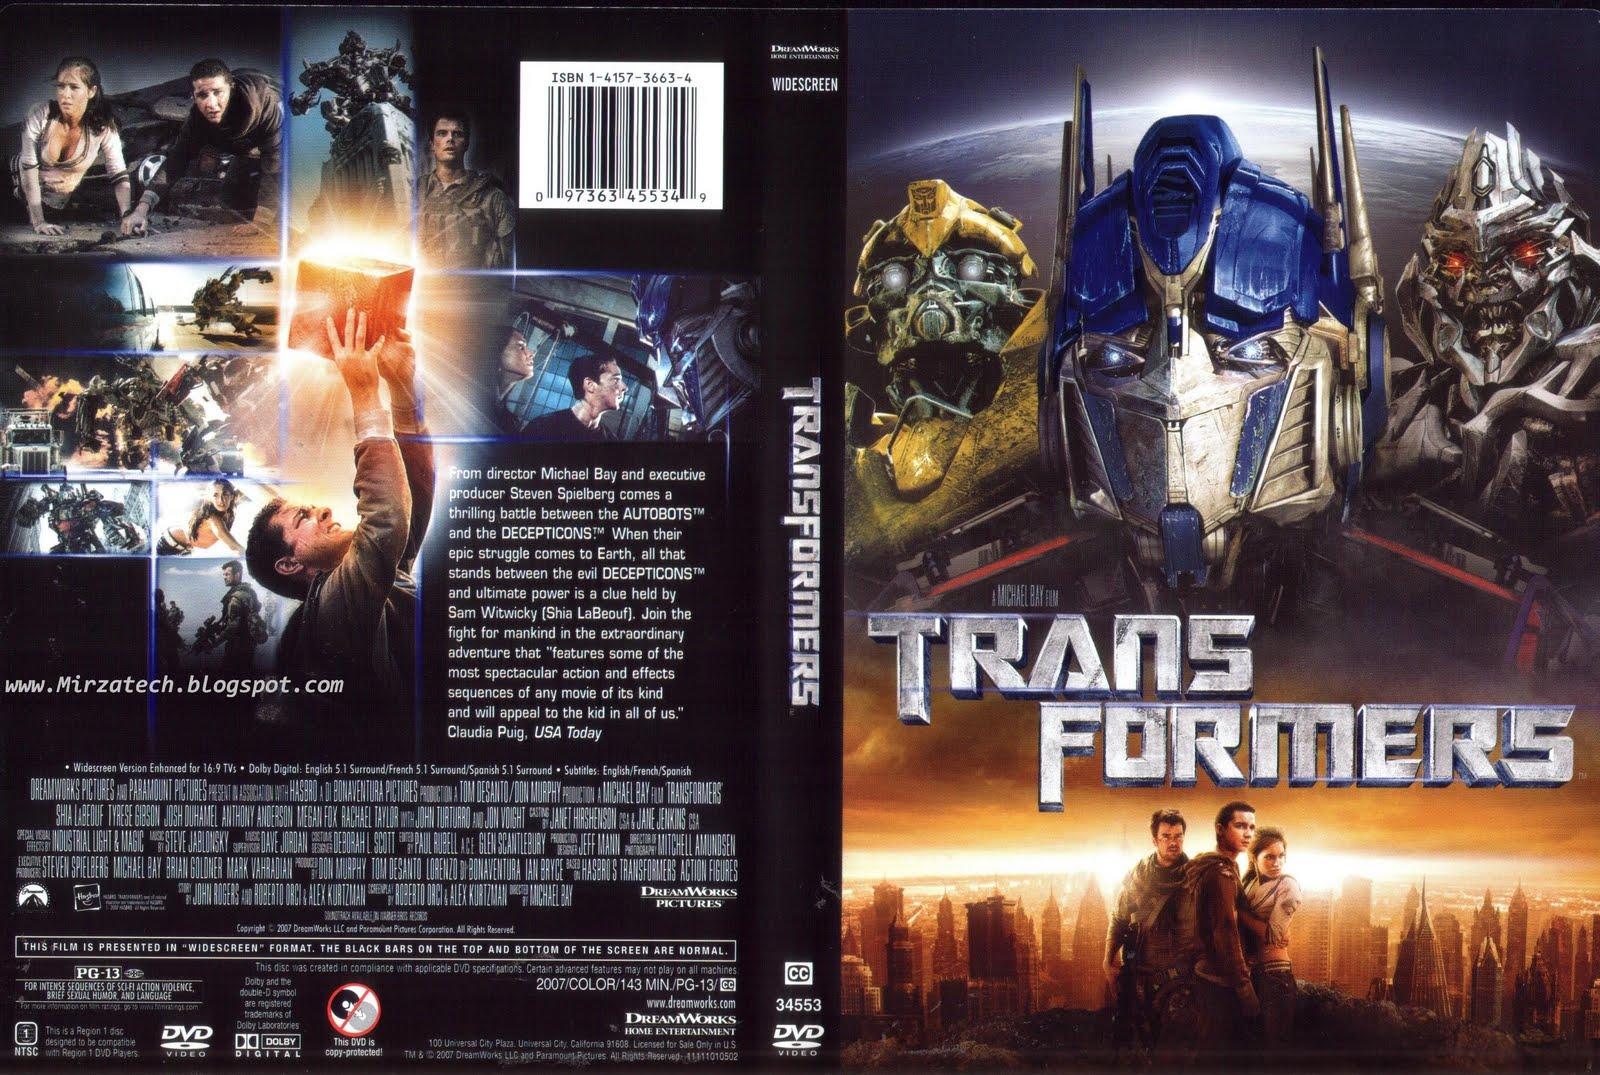 http://1.bp.blogspot.com/_ufyPfTFLsBA/S6_N0bDKzxI/AAAAAAAAAlM/7FLDTbQzAe8/s1600/Transformers_2007.jpg